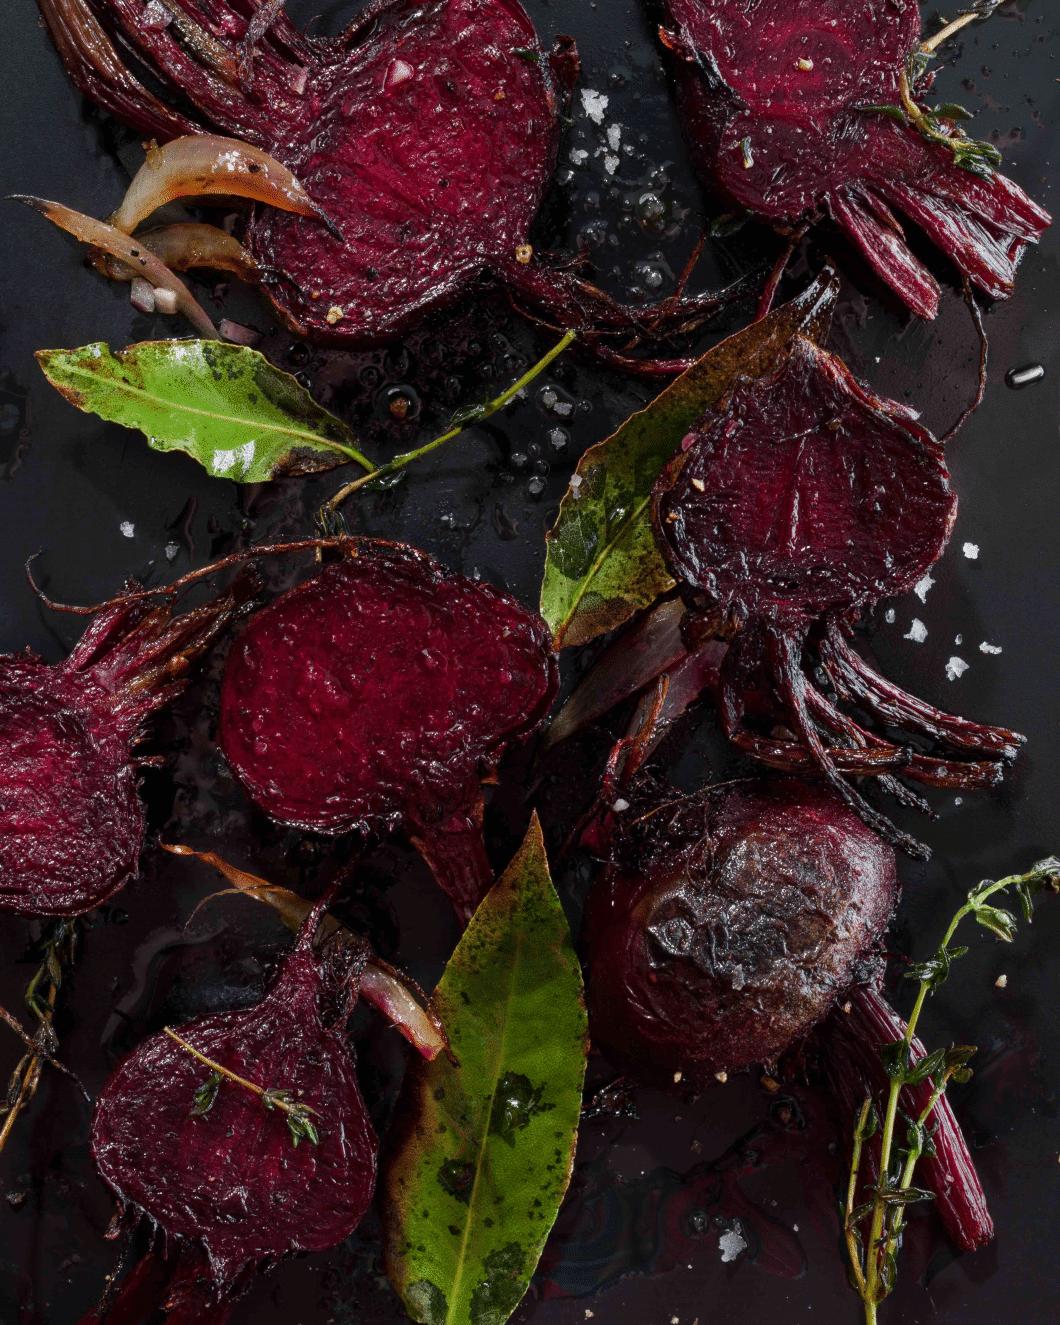 In der AEG Taste Academy arbeiten Experten mit Food Trends wie dem Purple Food. Zukunftsweisende Kochkonzepte werden verwendet um begeisternde Rezepte zu entwickeln. (Foto: AEG)